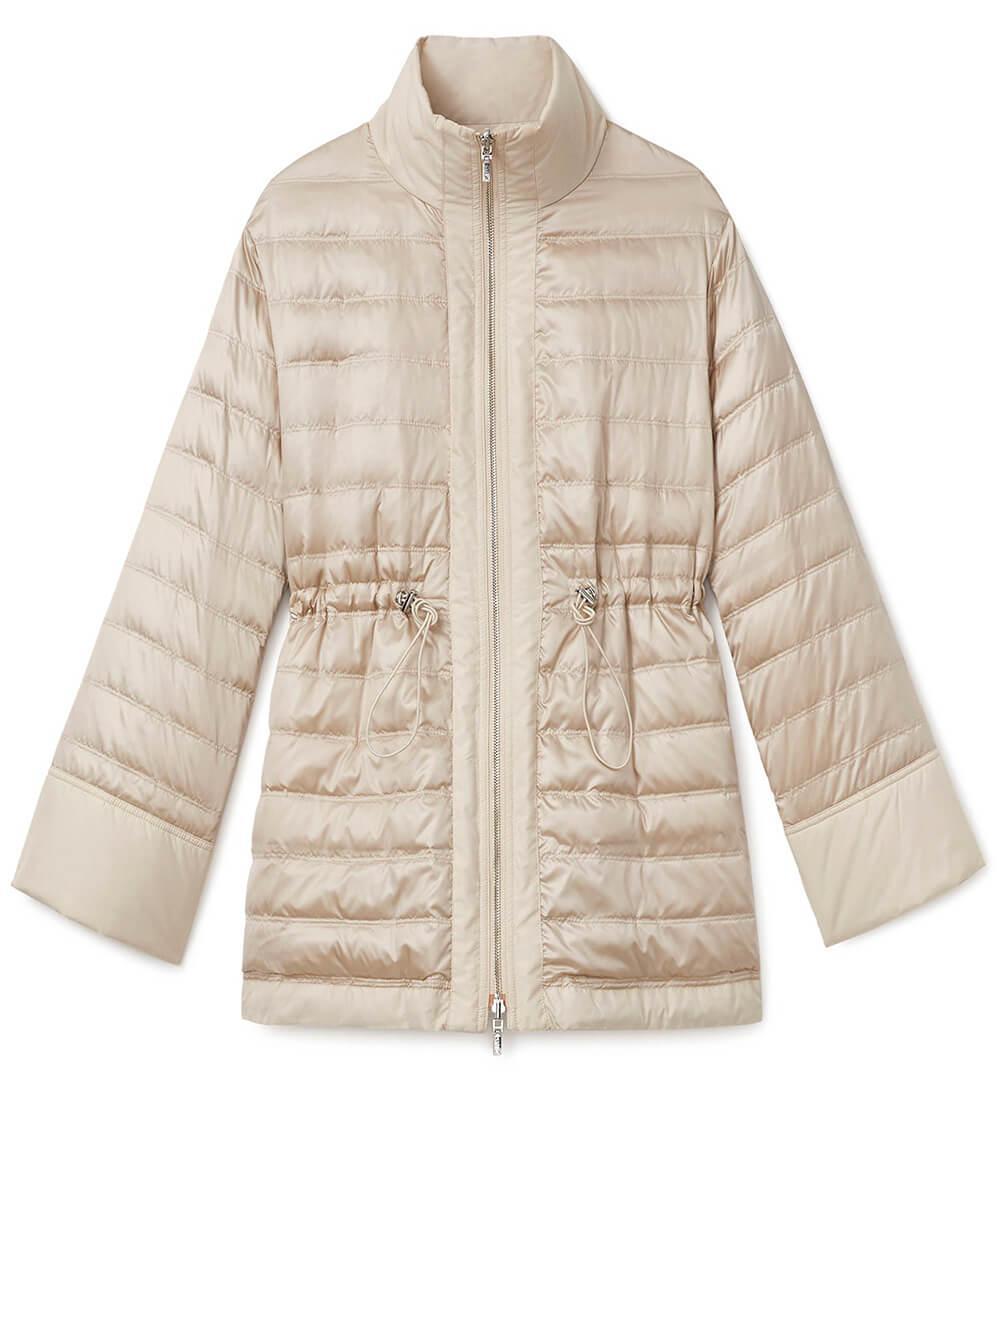 Reversible Calvin Coat Item # MCA42R-7930